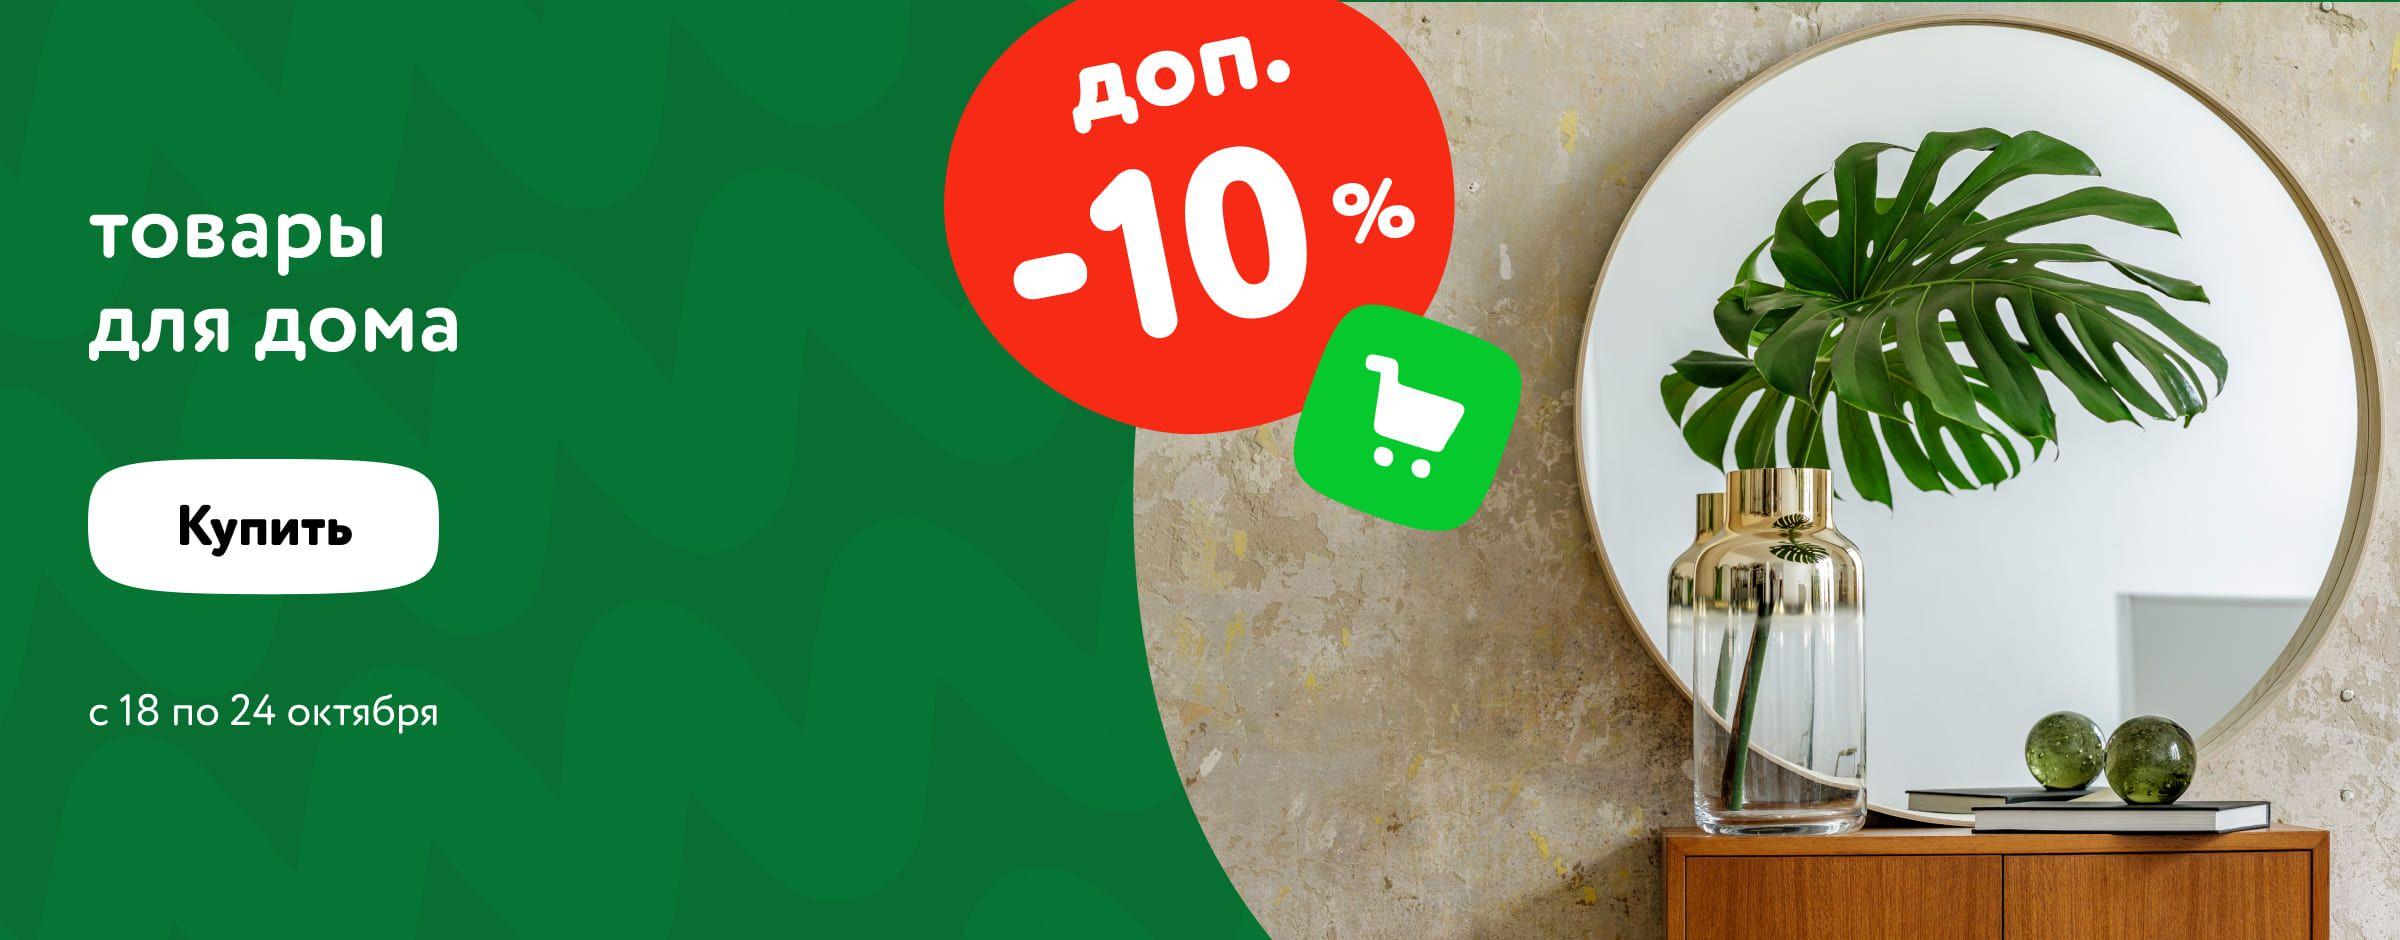 Скидка 10% в корзине на товары для дома